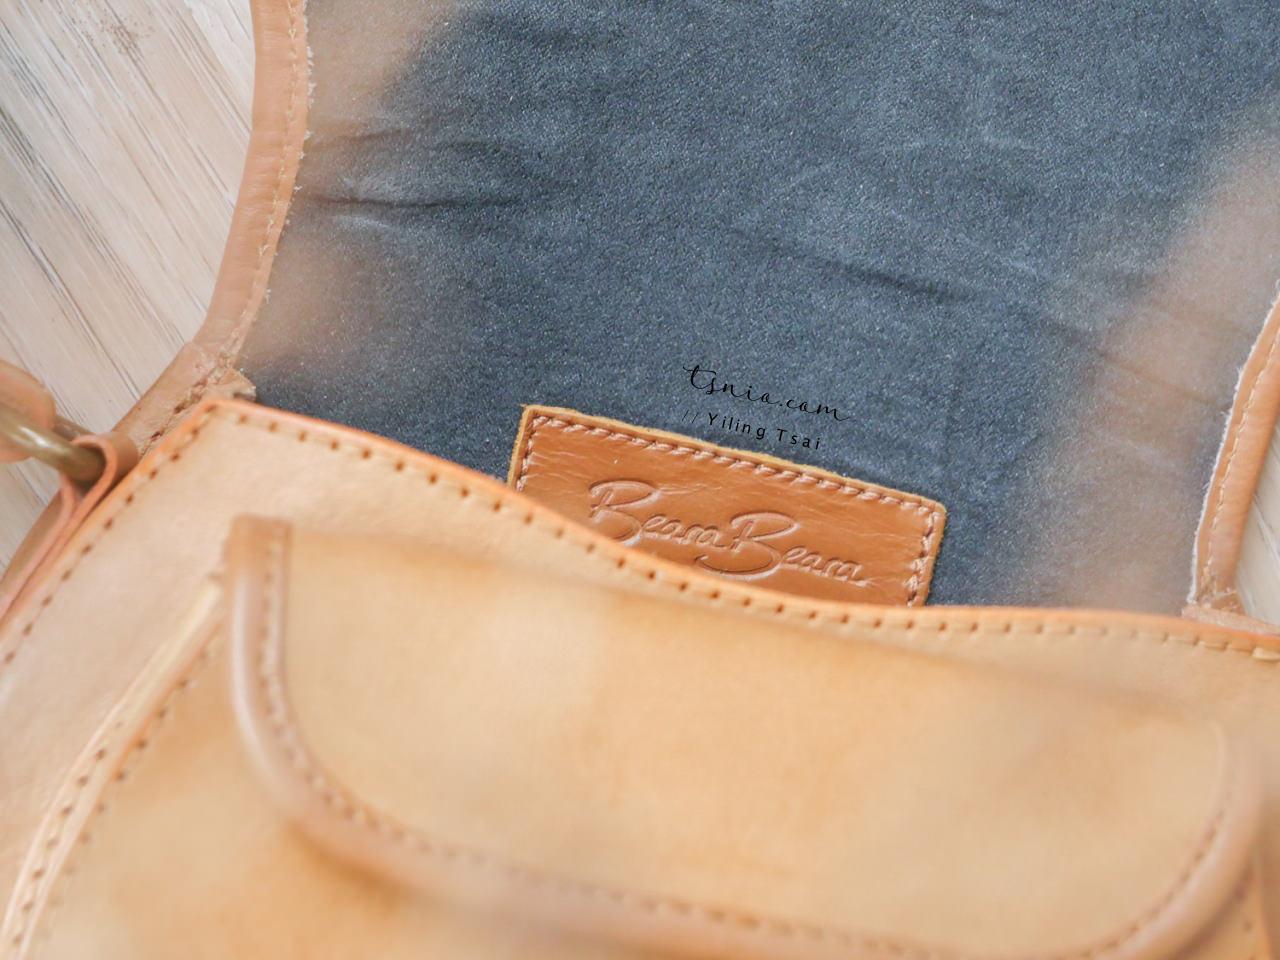 英國倫敦品牌 Beara Beara 手工皮革包 官網直寄台灣